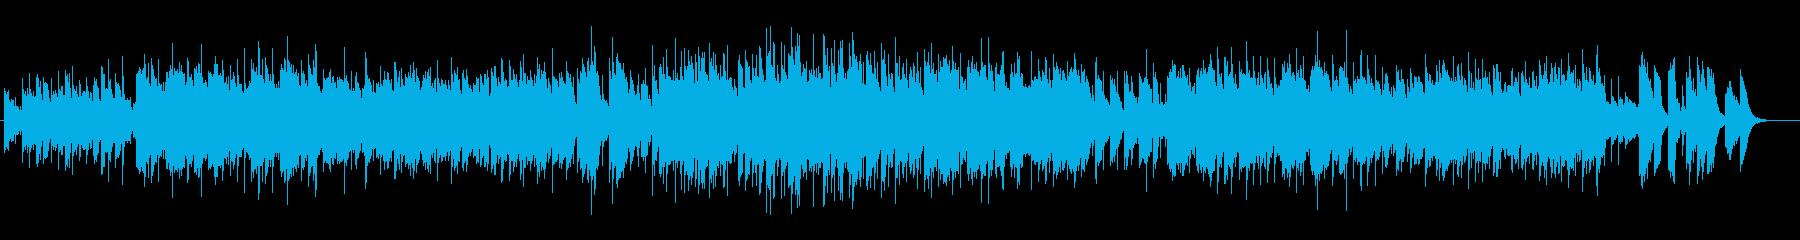 マリンバによるブルータンゴ風タンゴの再生済みの波形